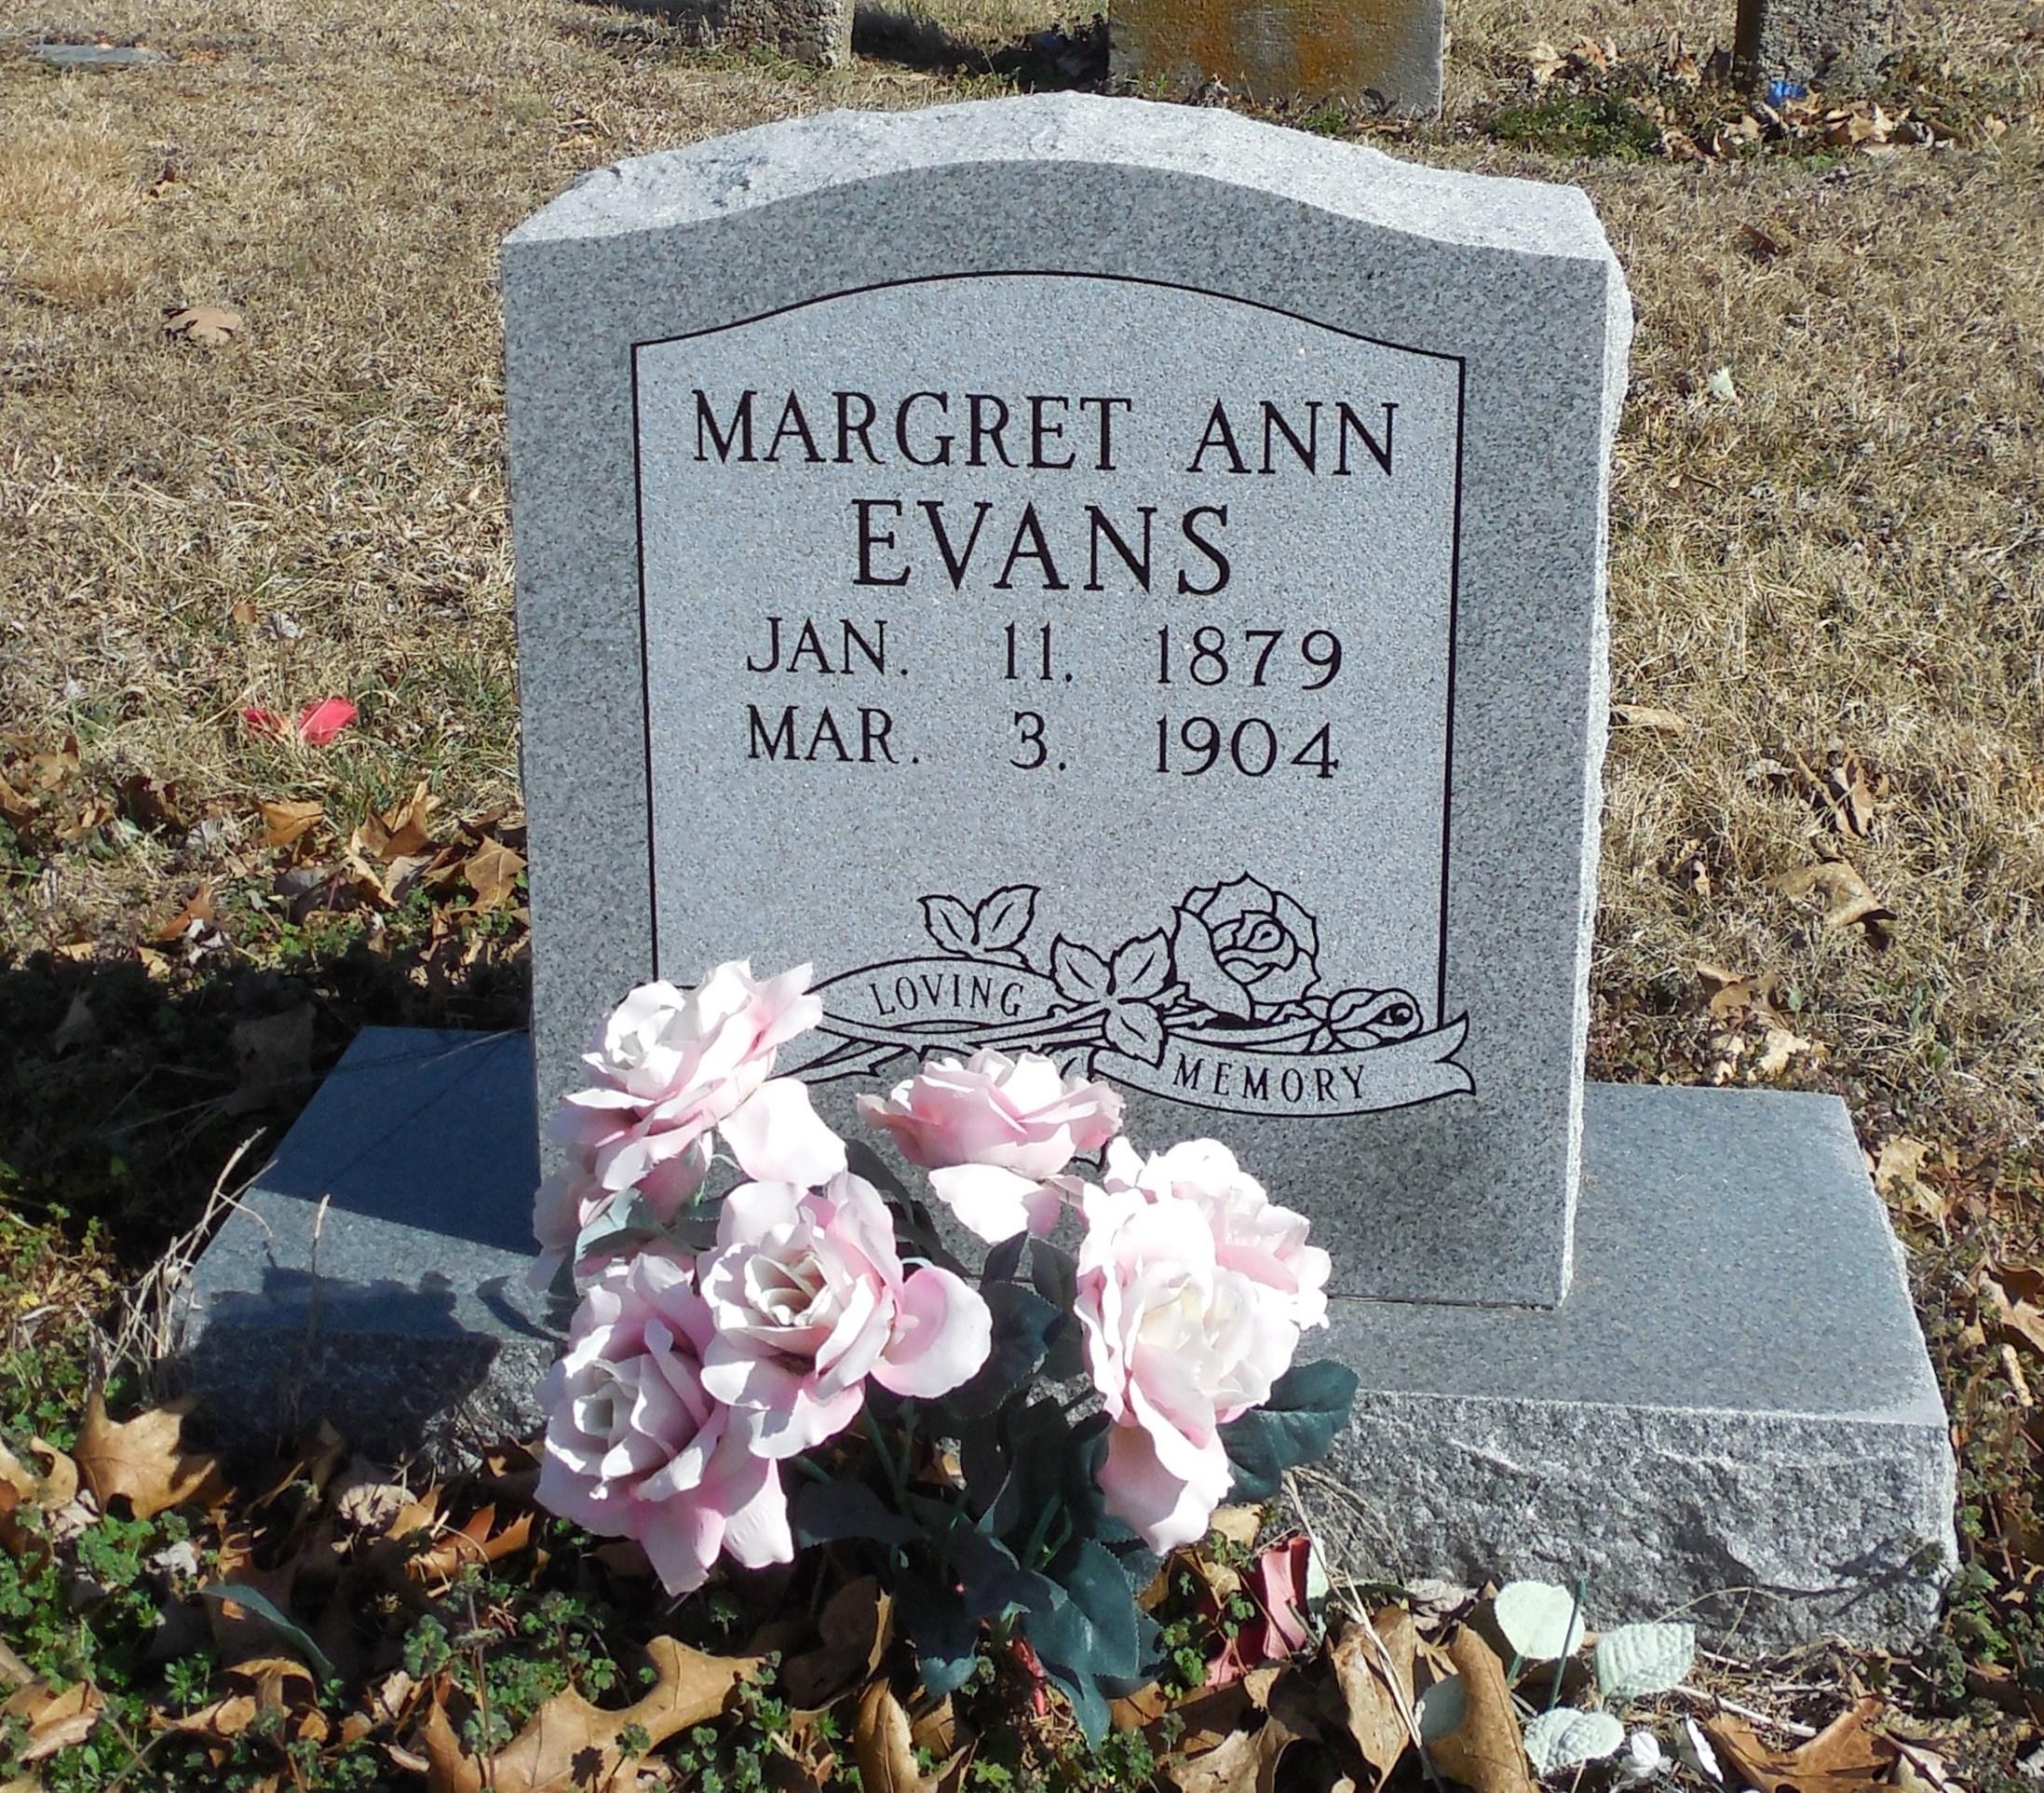 Margaret Ann Evans